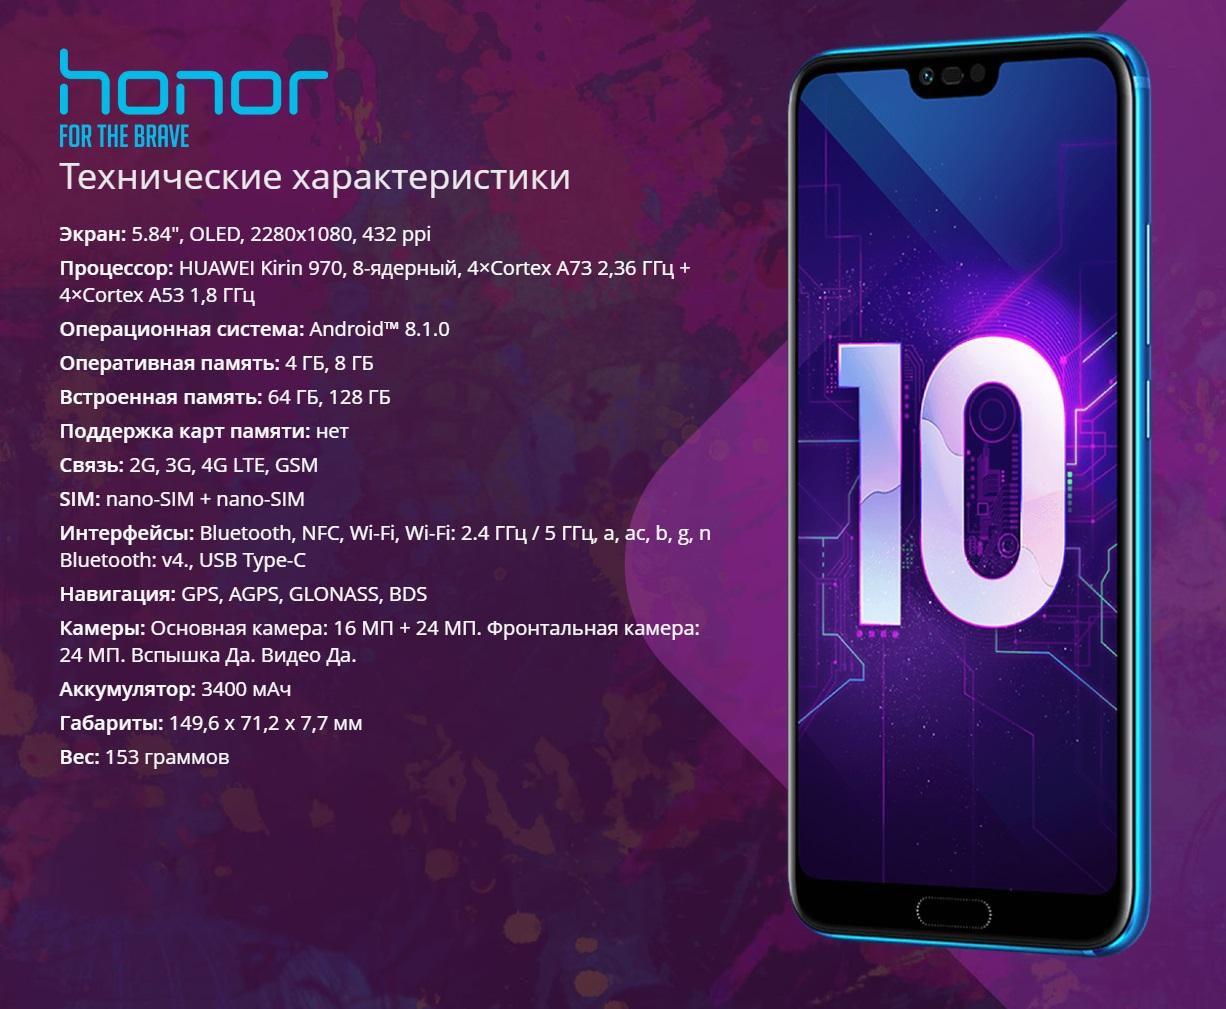 Технические характеристики реплики Huawei Honor 10